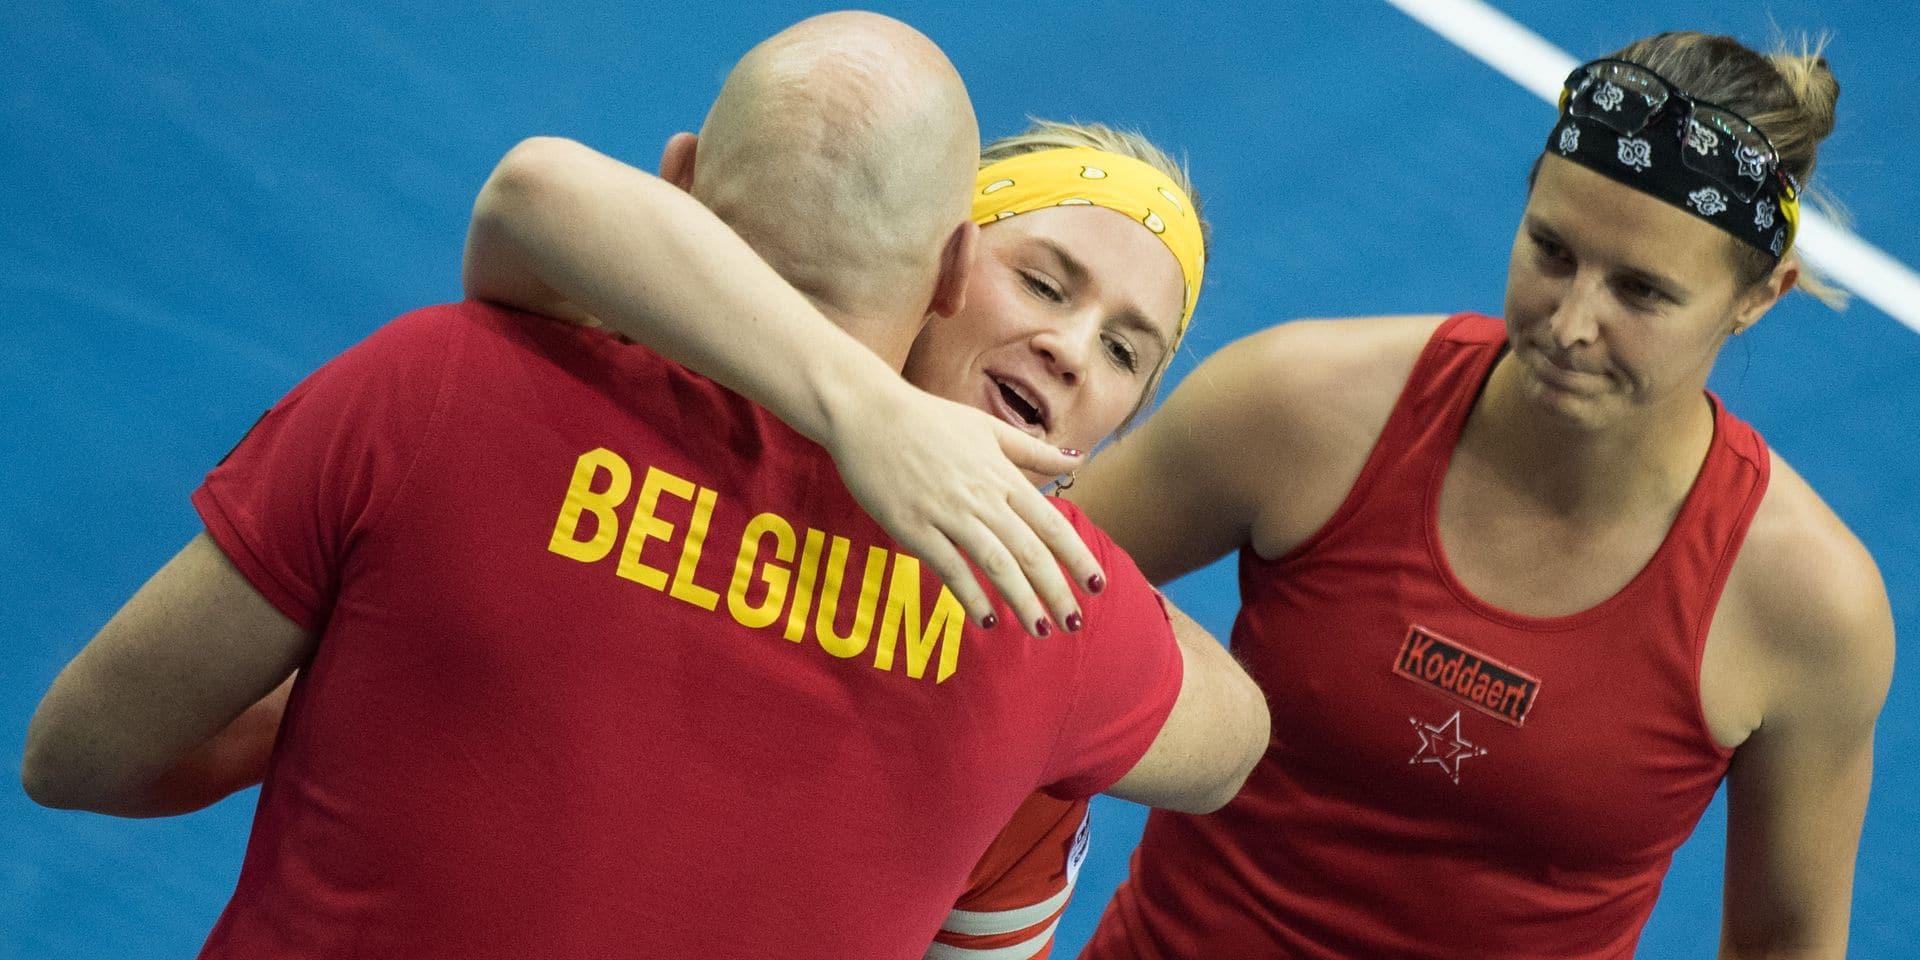 Fed Cup: La Belgique accueillera l'Espagne dans le barrage pour le maintien dans le groupe mondial I les 20 et 21 avril